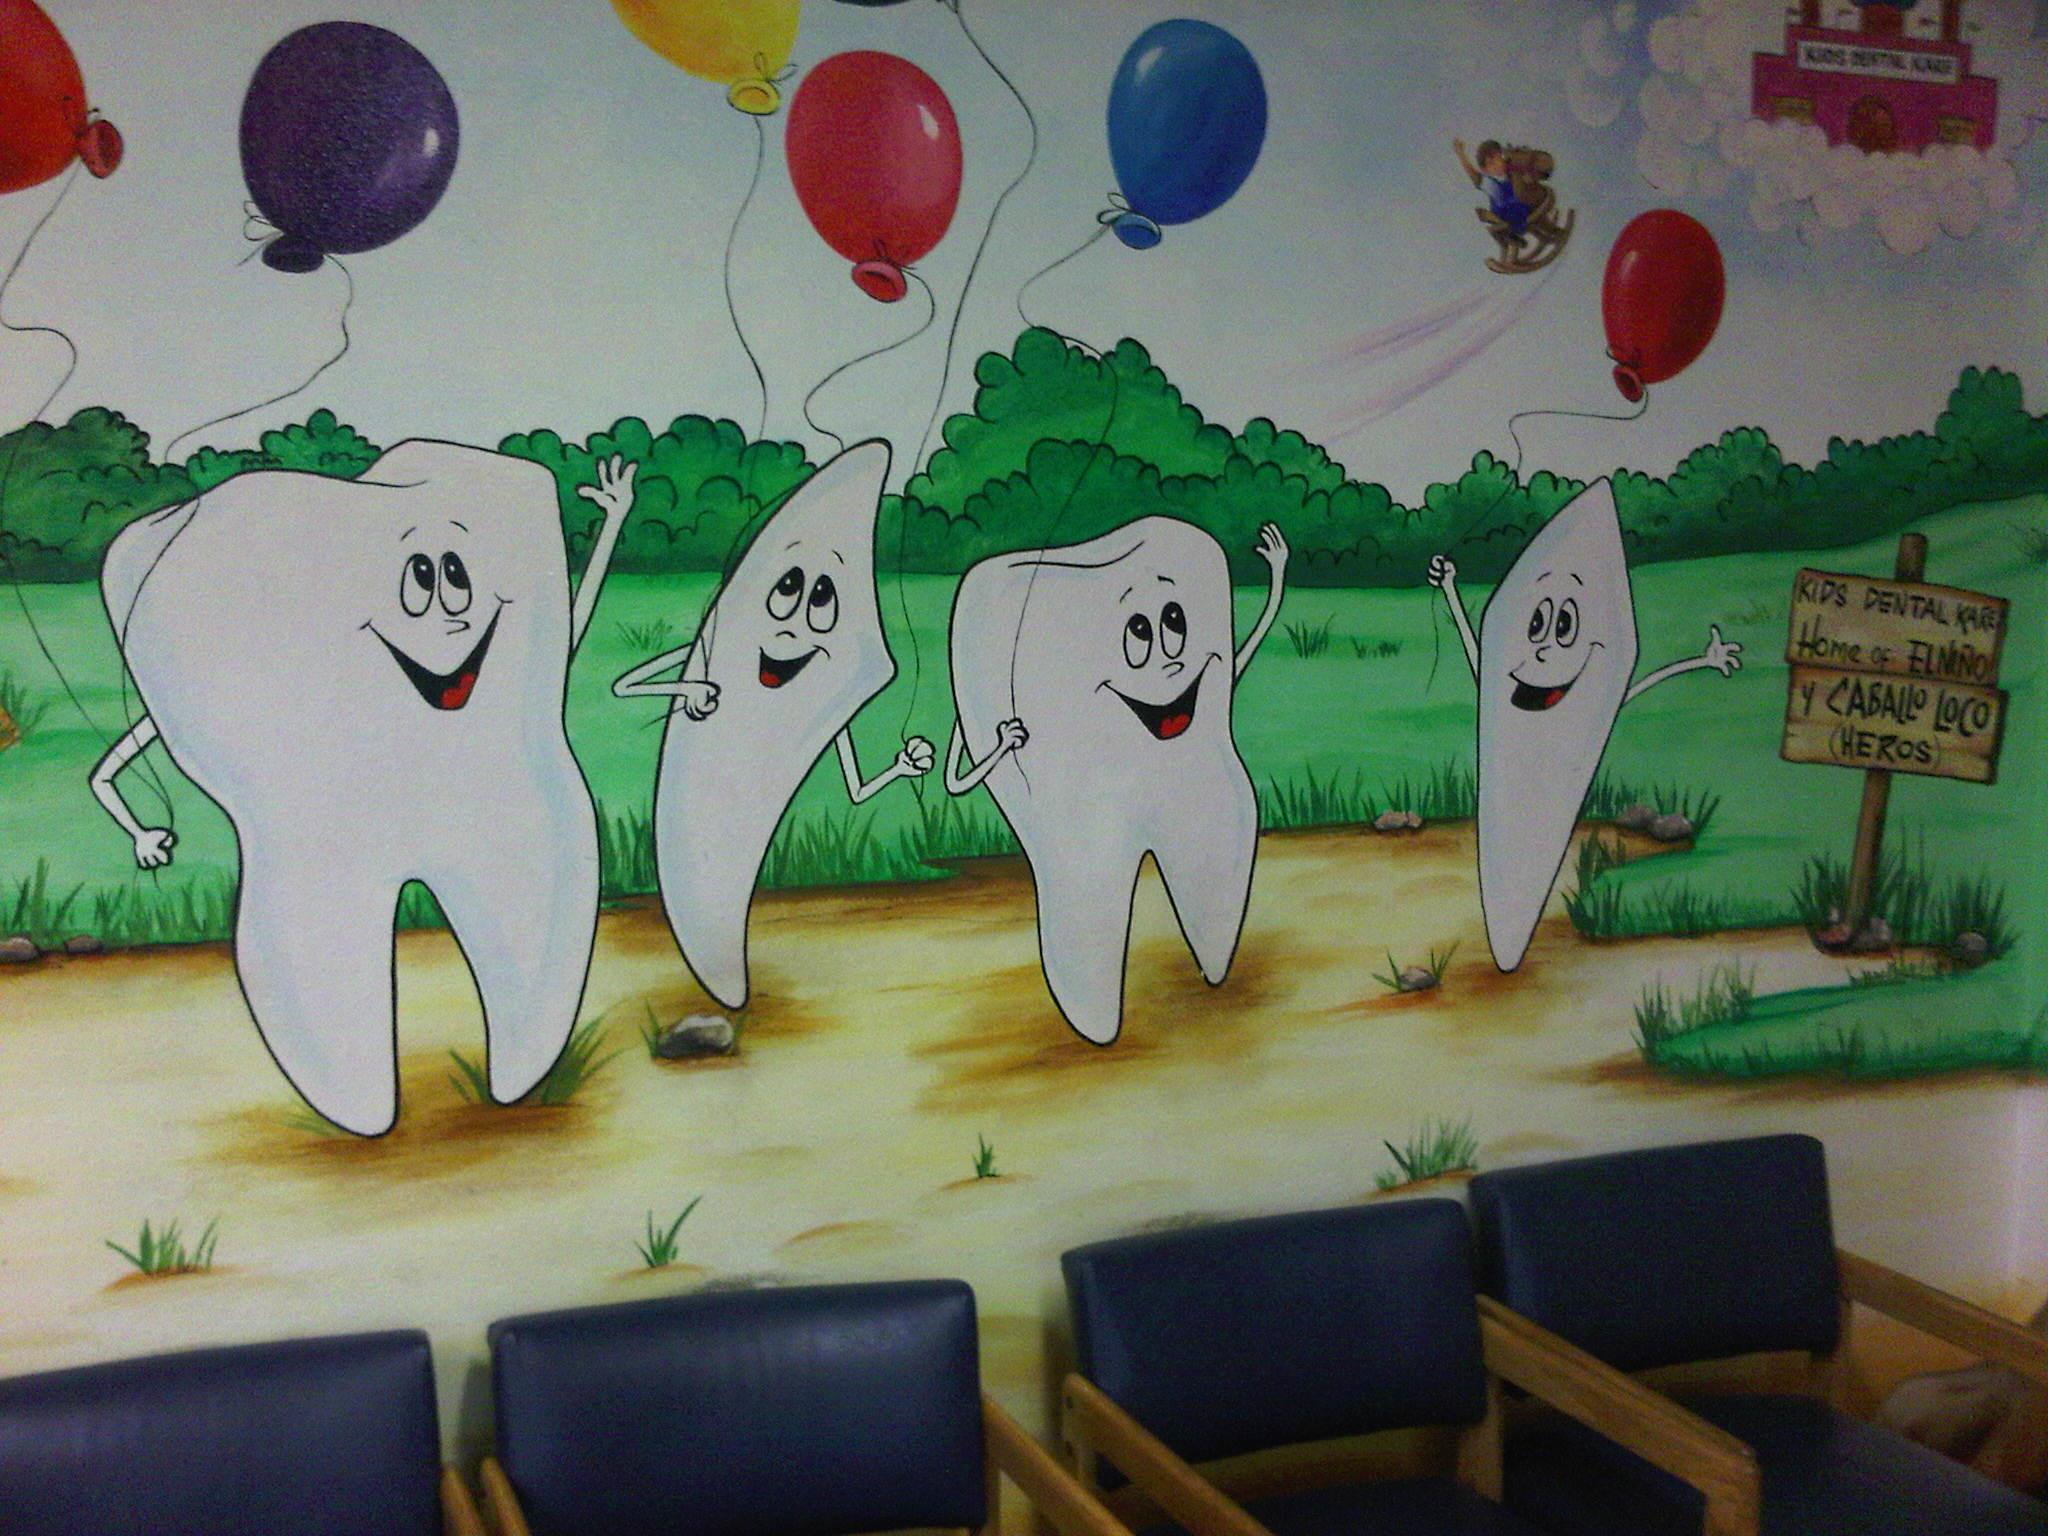 Dental Wallpaper Posted By Samantha Tremblay